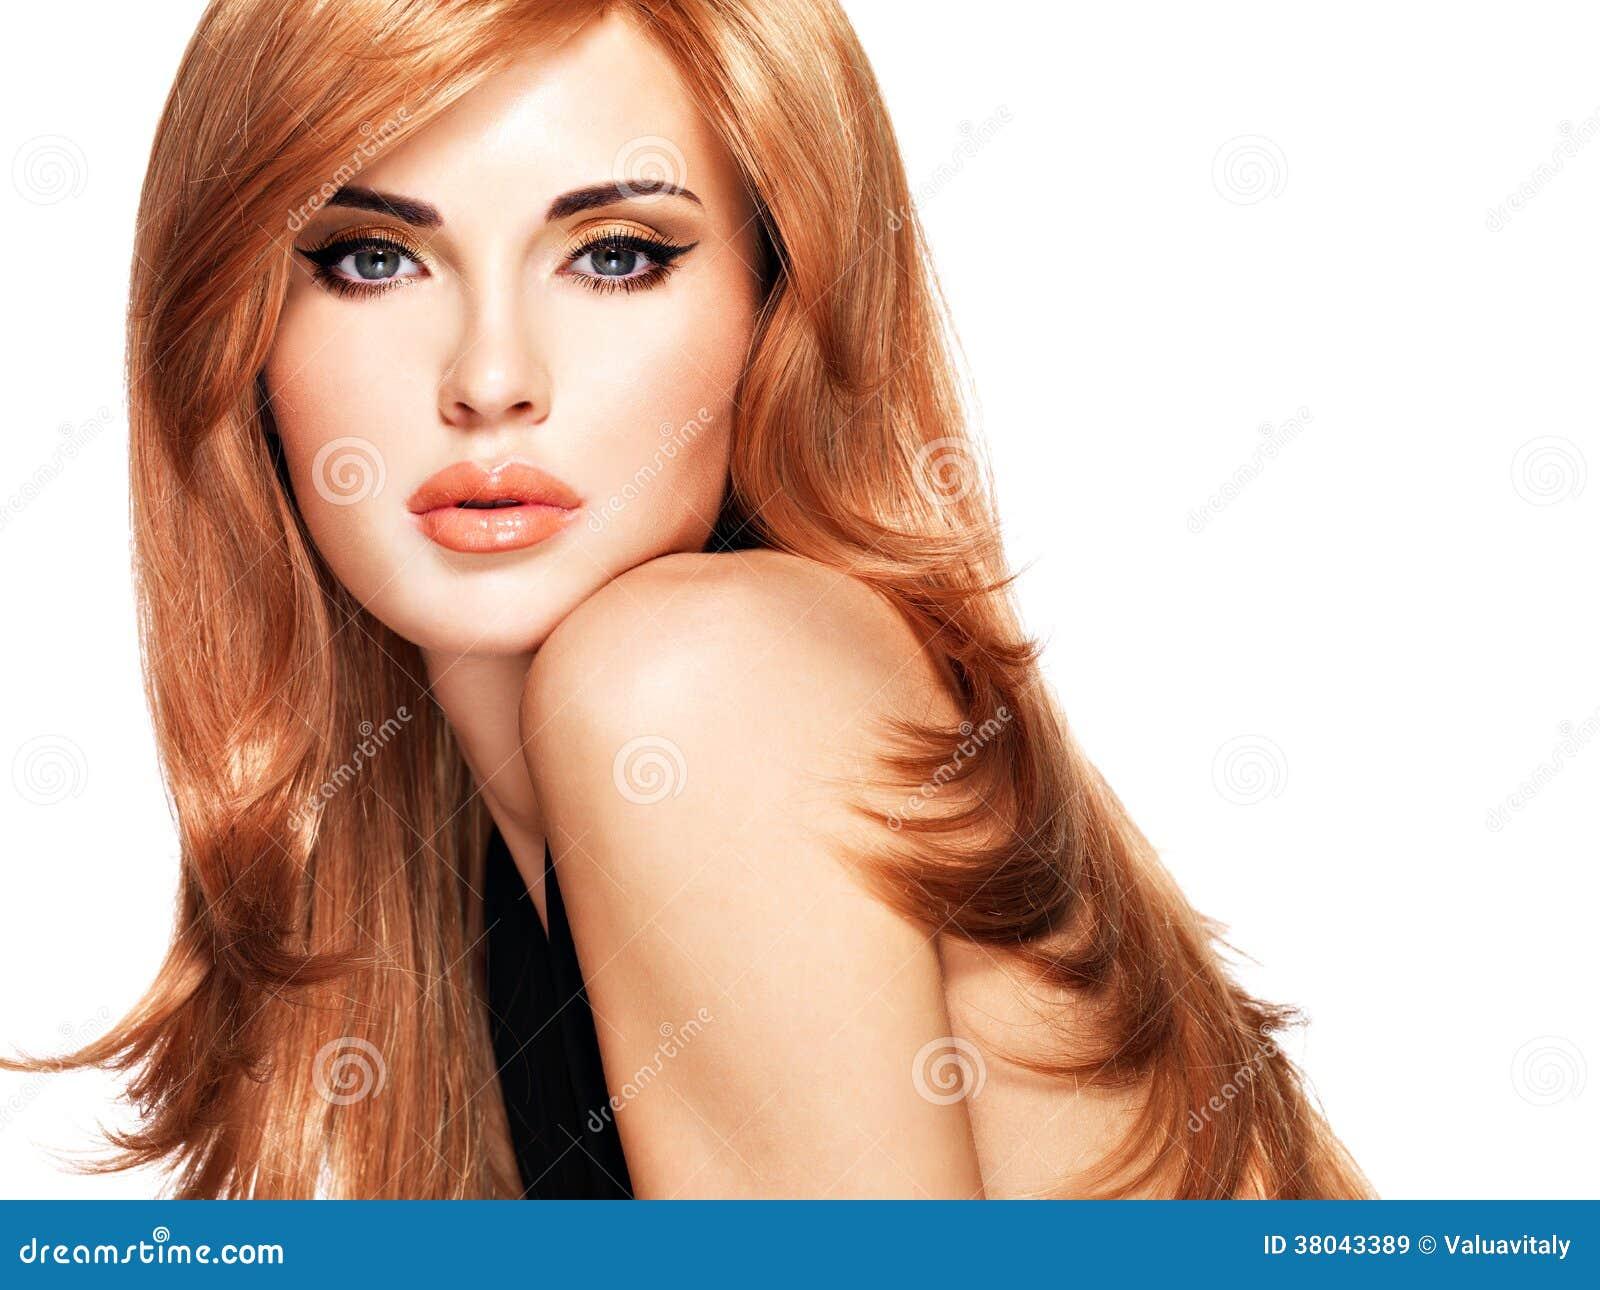 Most beautiful women in wwe-1244